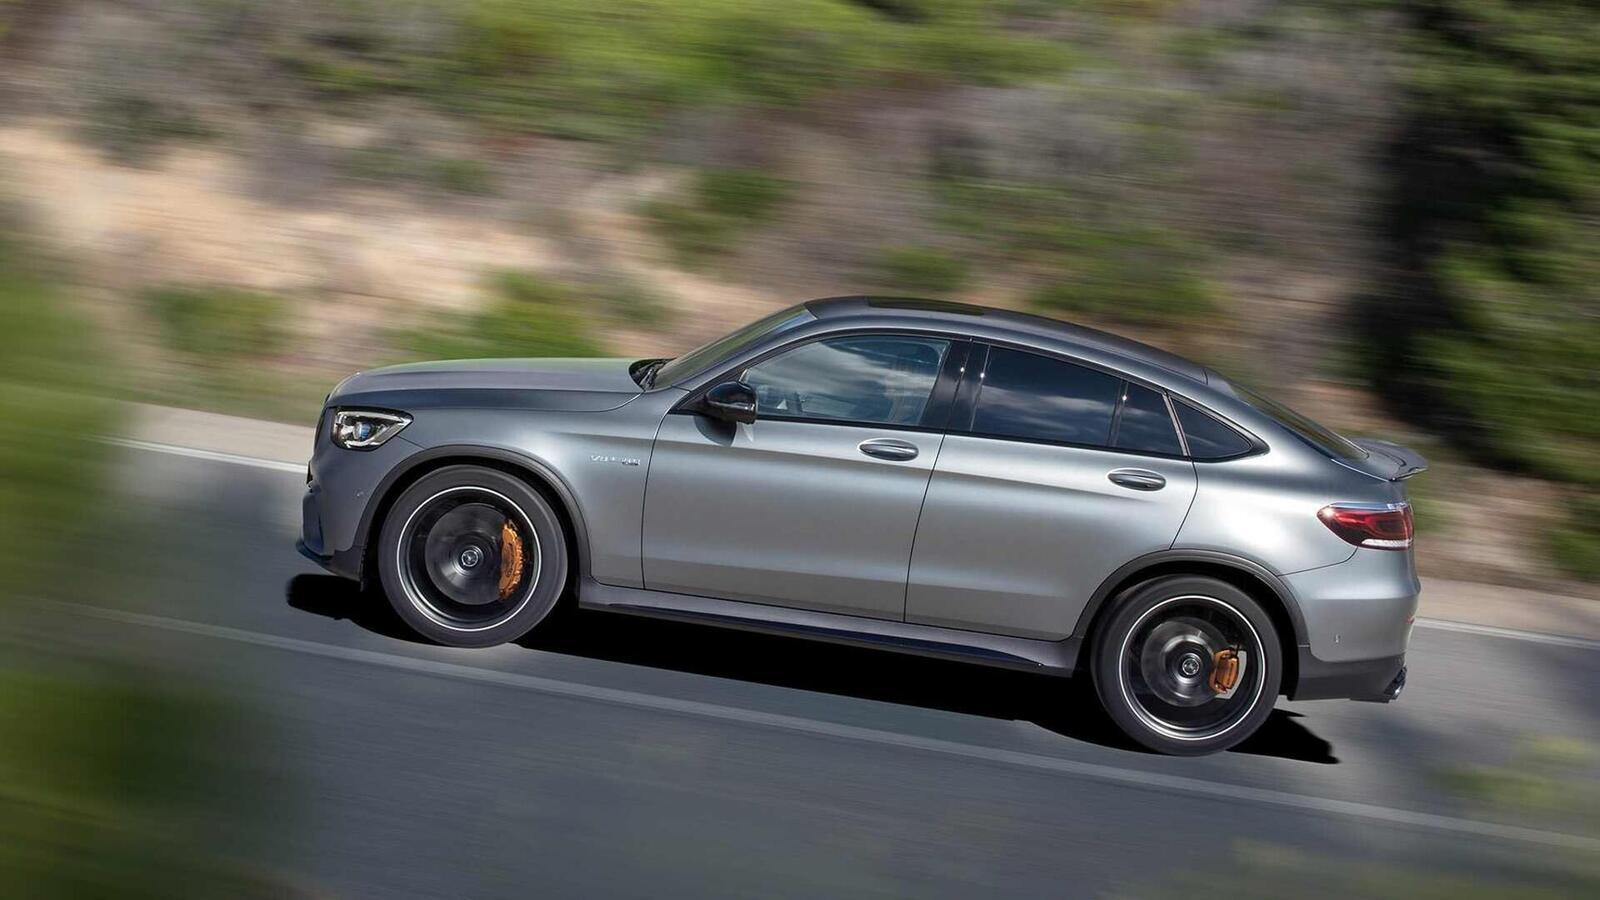 Mercedes-AMG giới thiệu GLC và GLC Coupe 63 mới lắp động cơ V8 4.0L Biturbo mạnh hơn 460 mã lực - Hình 23